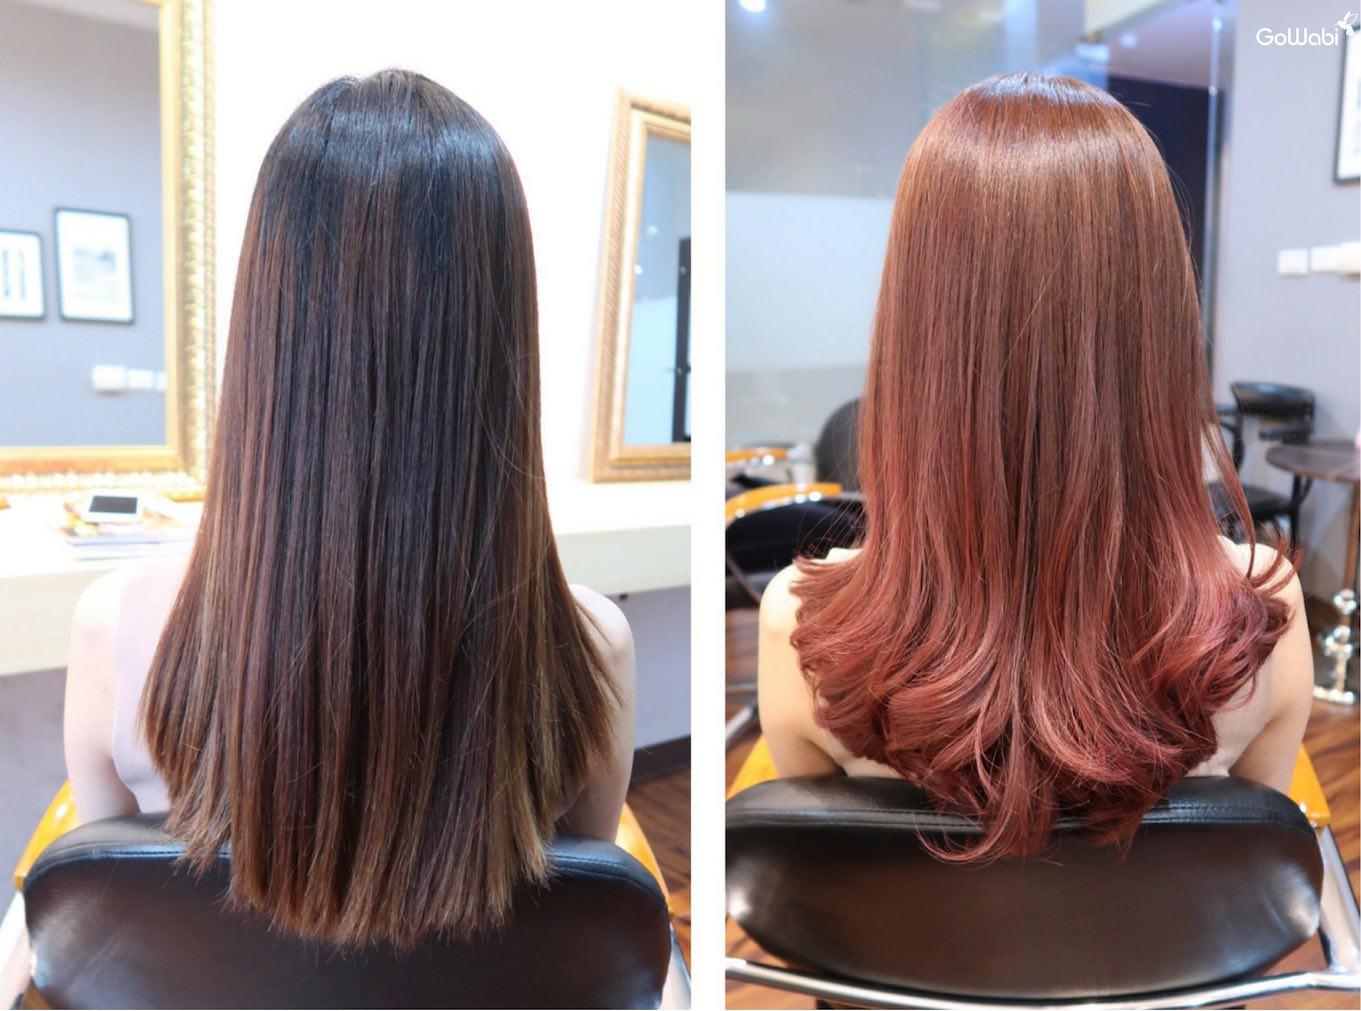 Hair_Atelier_Ador_hair_coloring_2